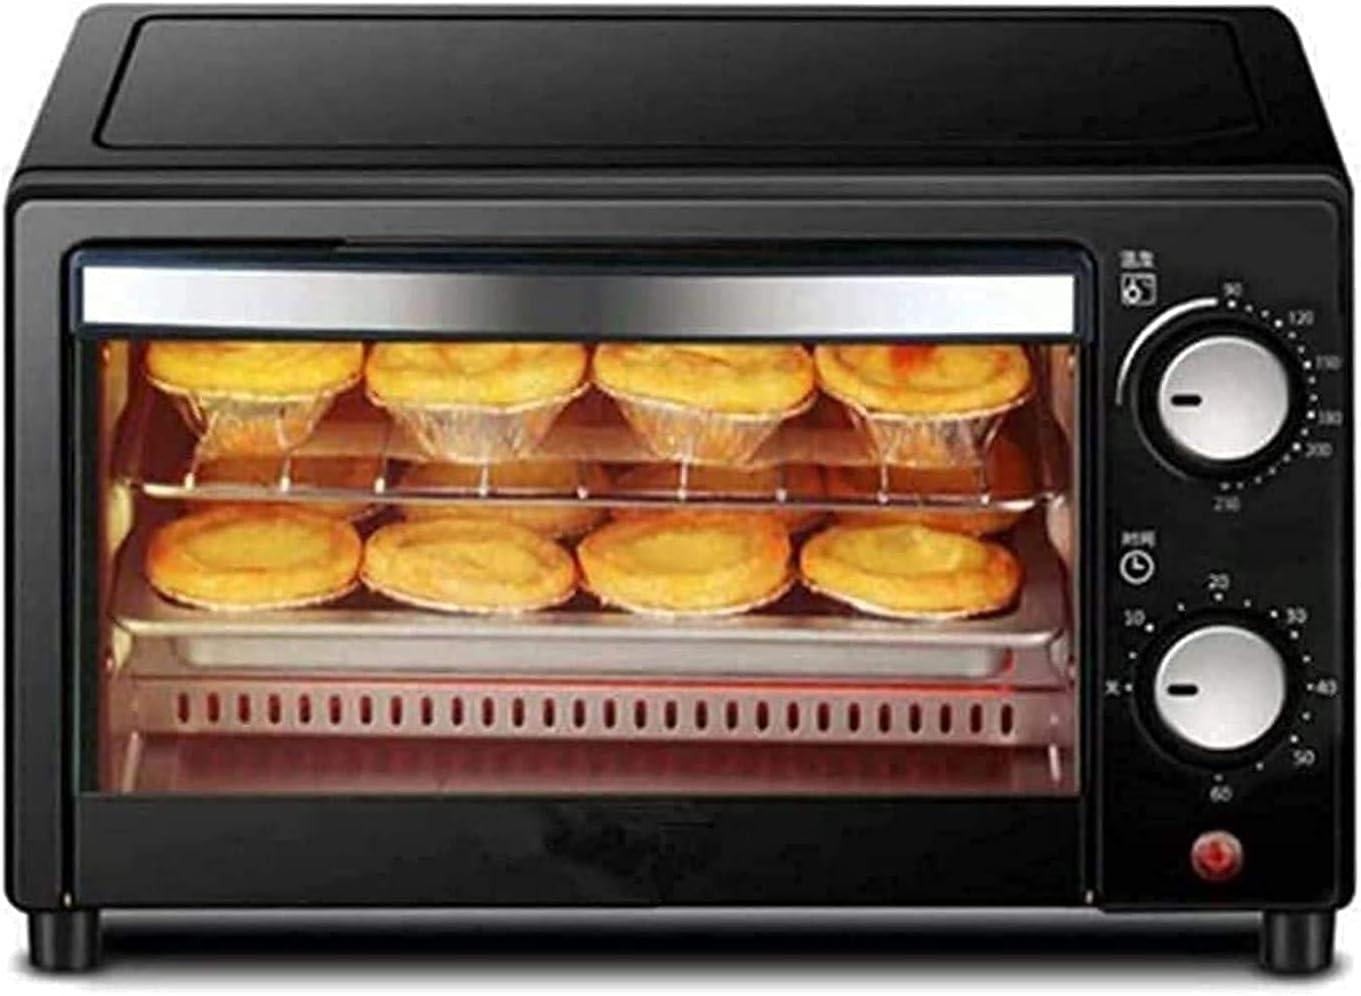 Regular store PAKUES-QO 2021 new Oven oven toaster pizza Mini Adjustabl 12l